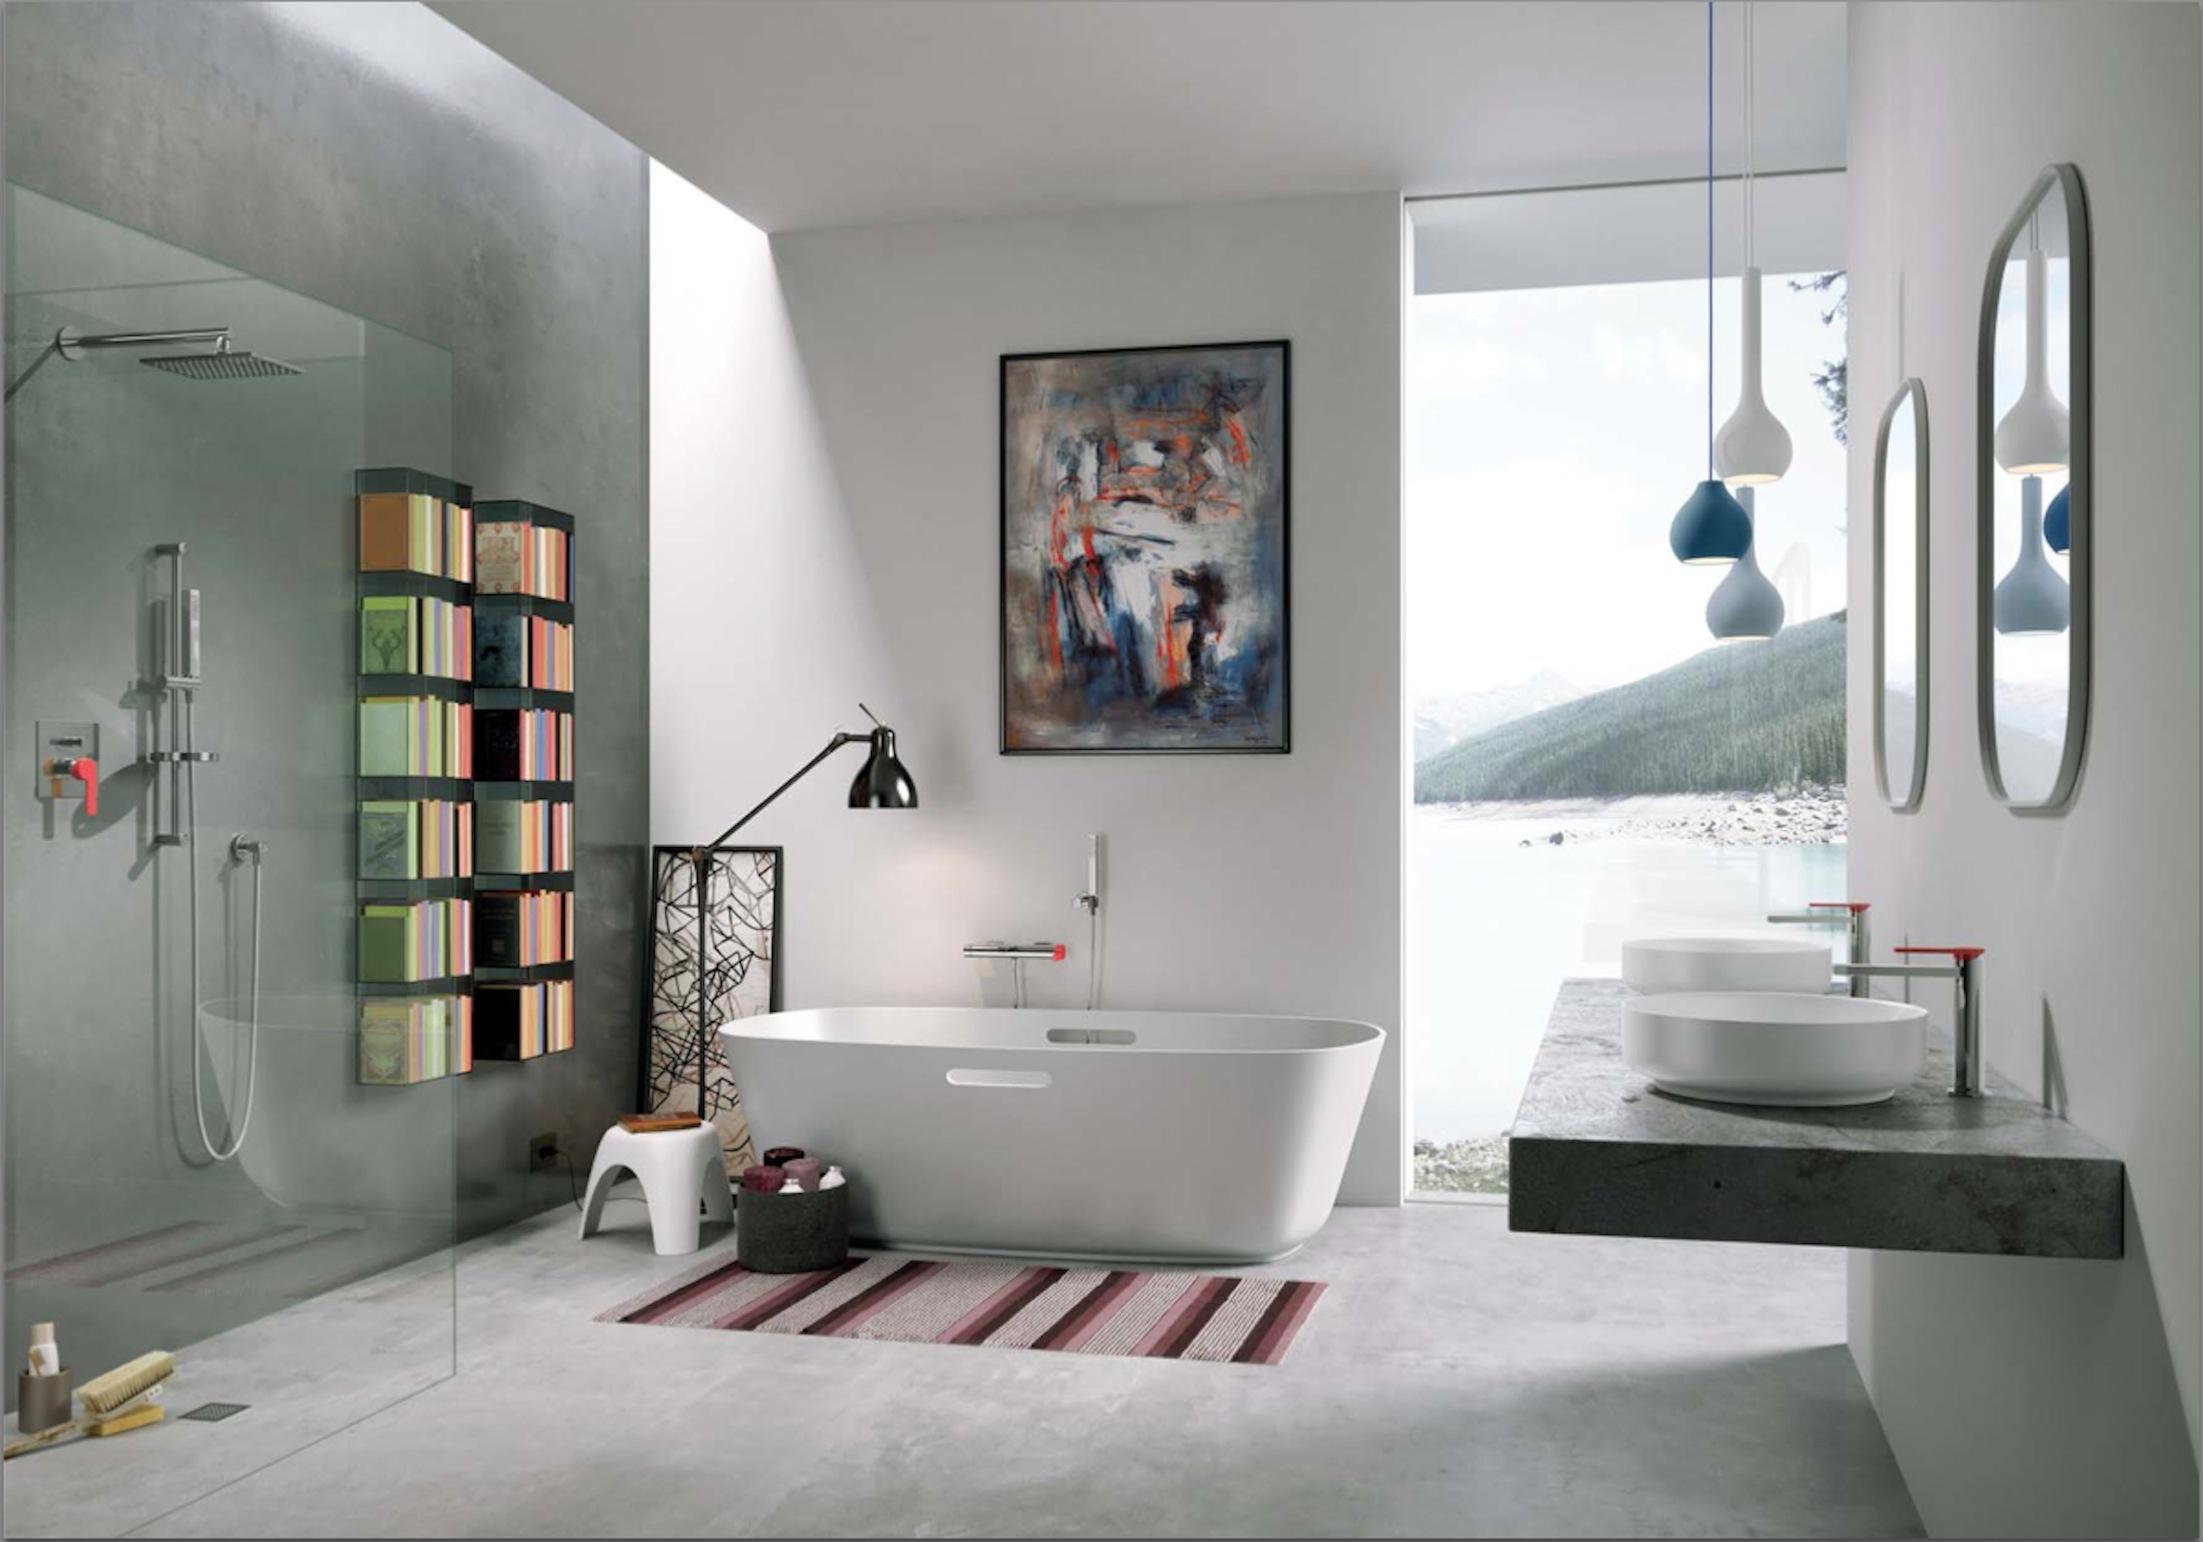 La gamma di gattoni rubinetteria bagno italiano blog - Rubinetteria bagno gattoni ...